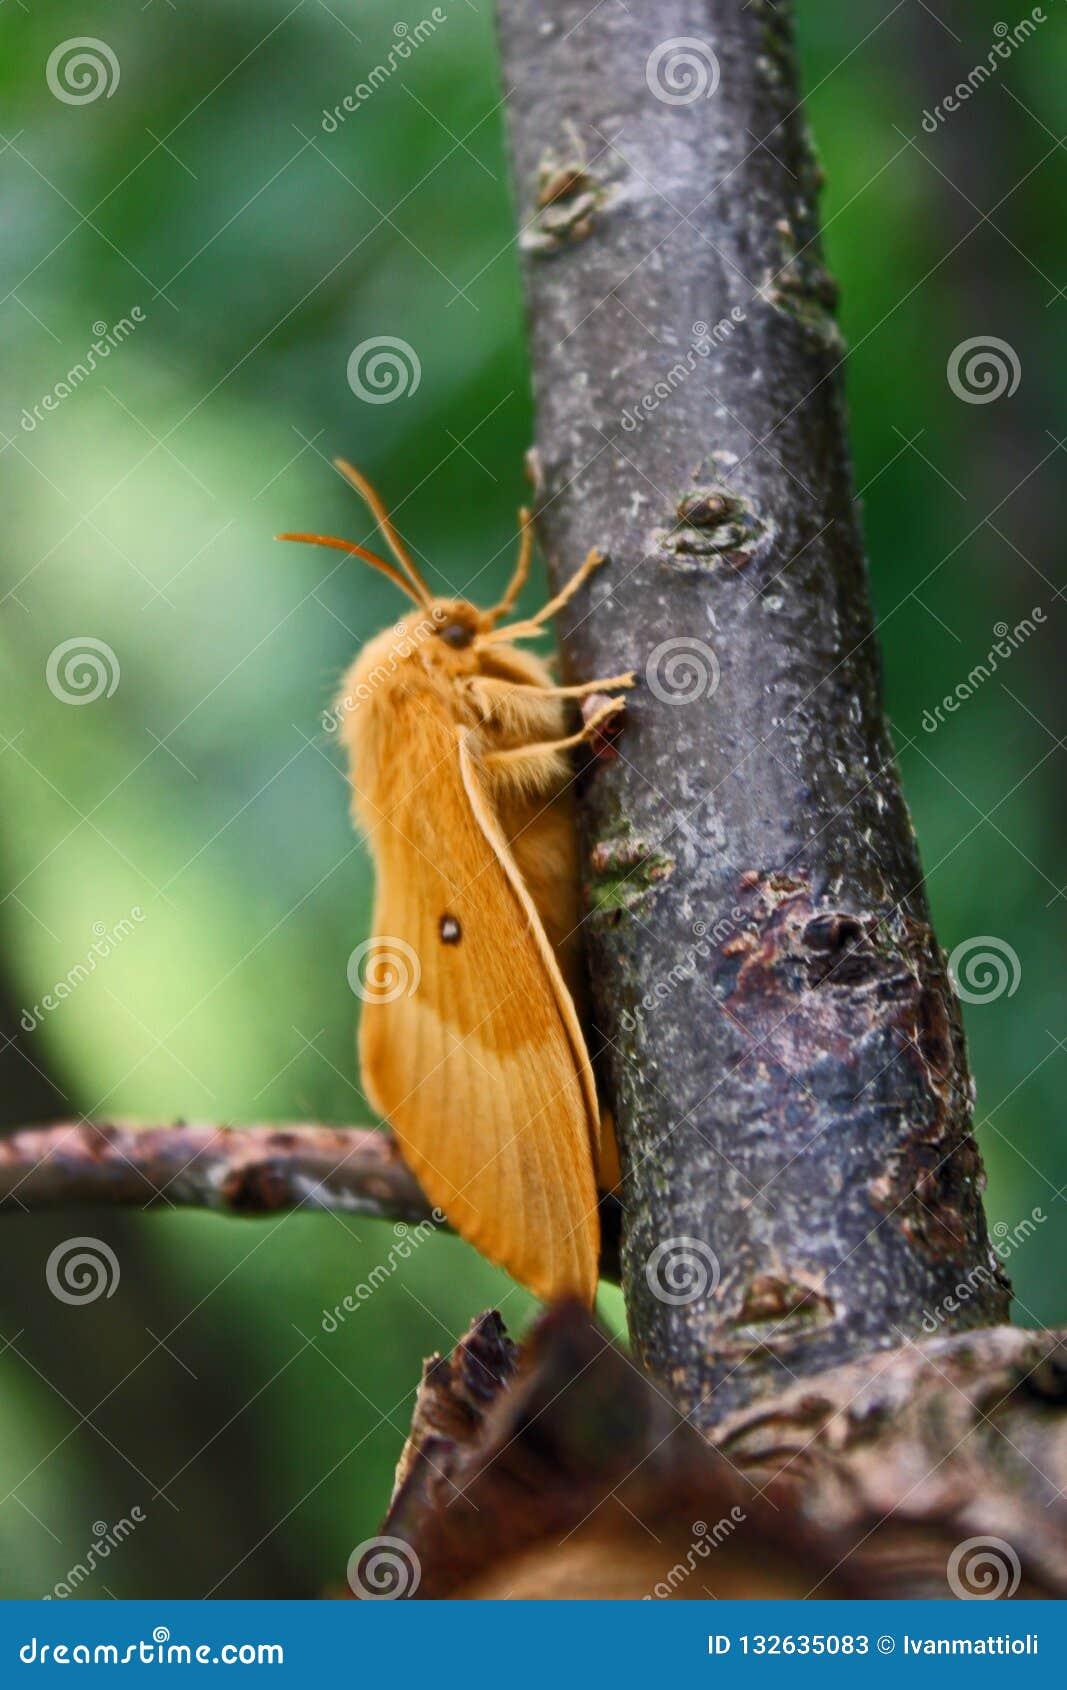 Quercus eggar do Lasiocampa do carvalho fêmea